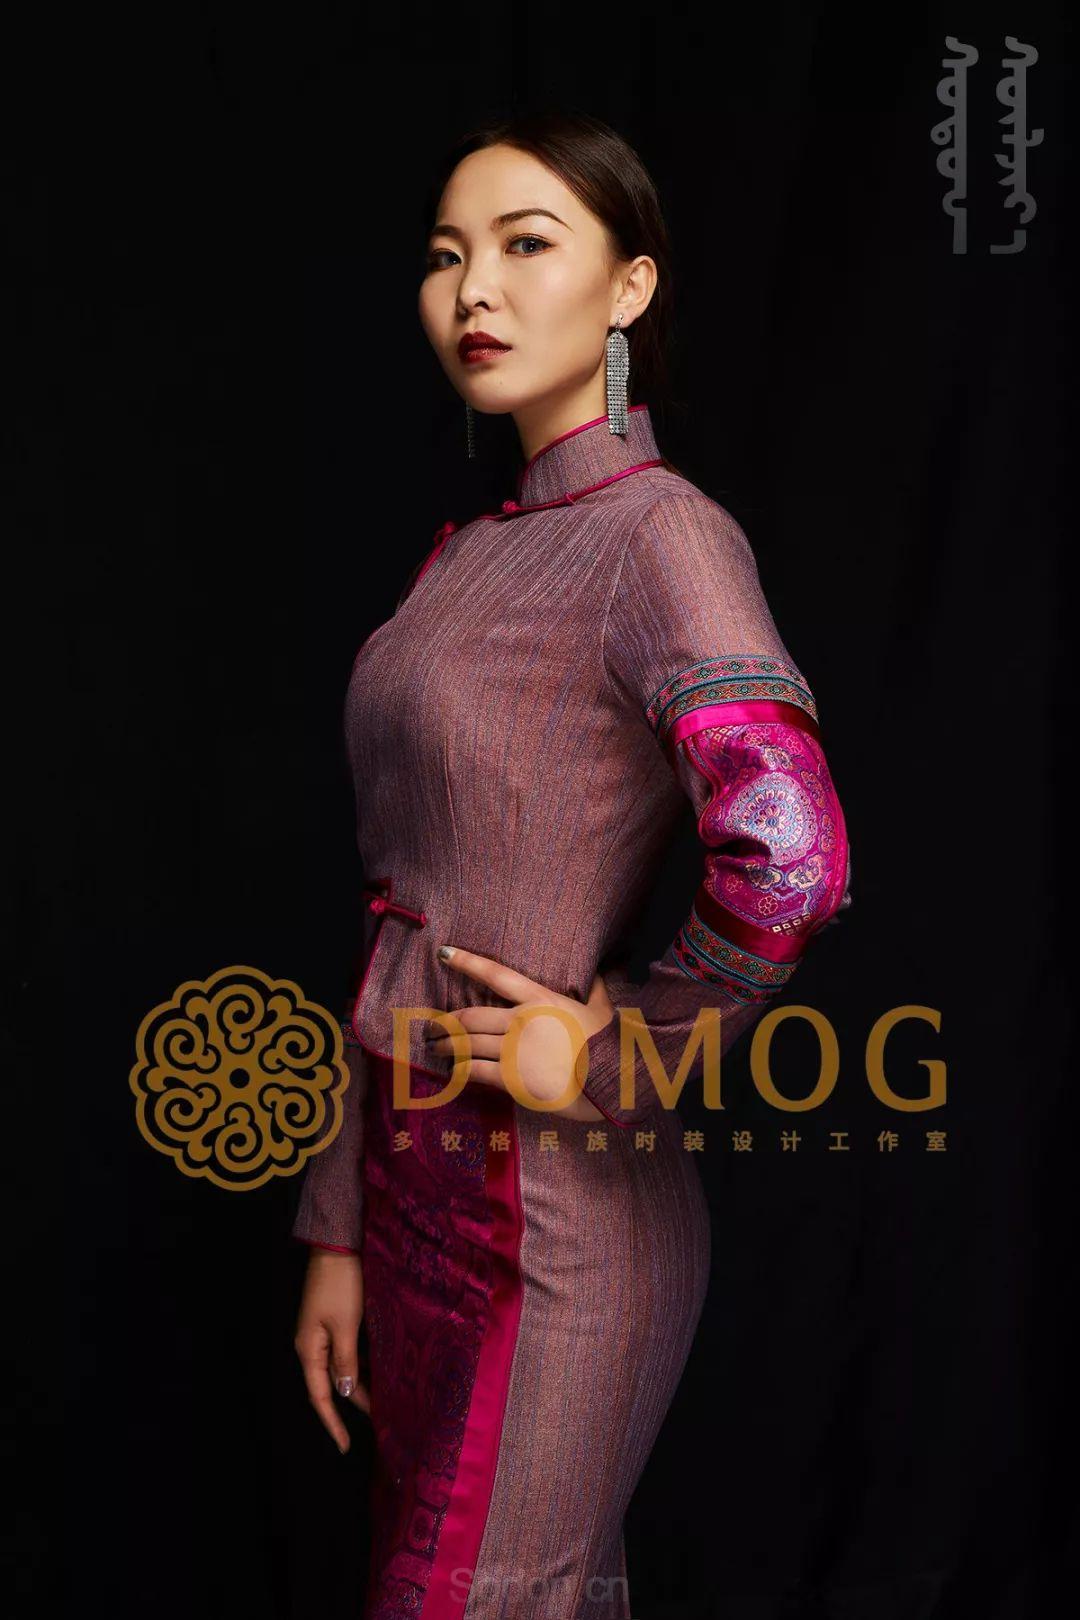 DOMOG蒙古时装绝美秋冬款系列,美出新高度! 第31张